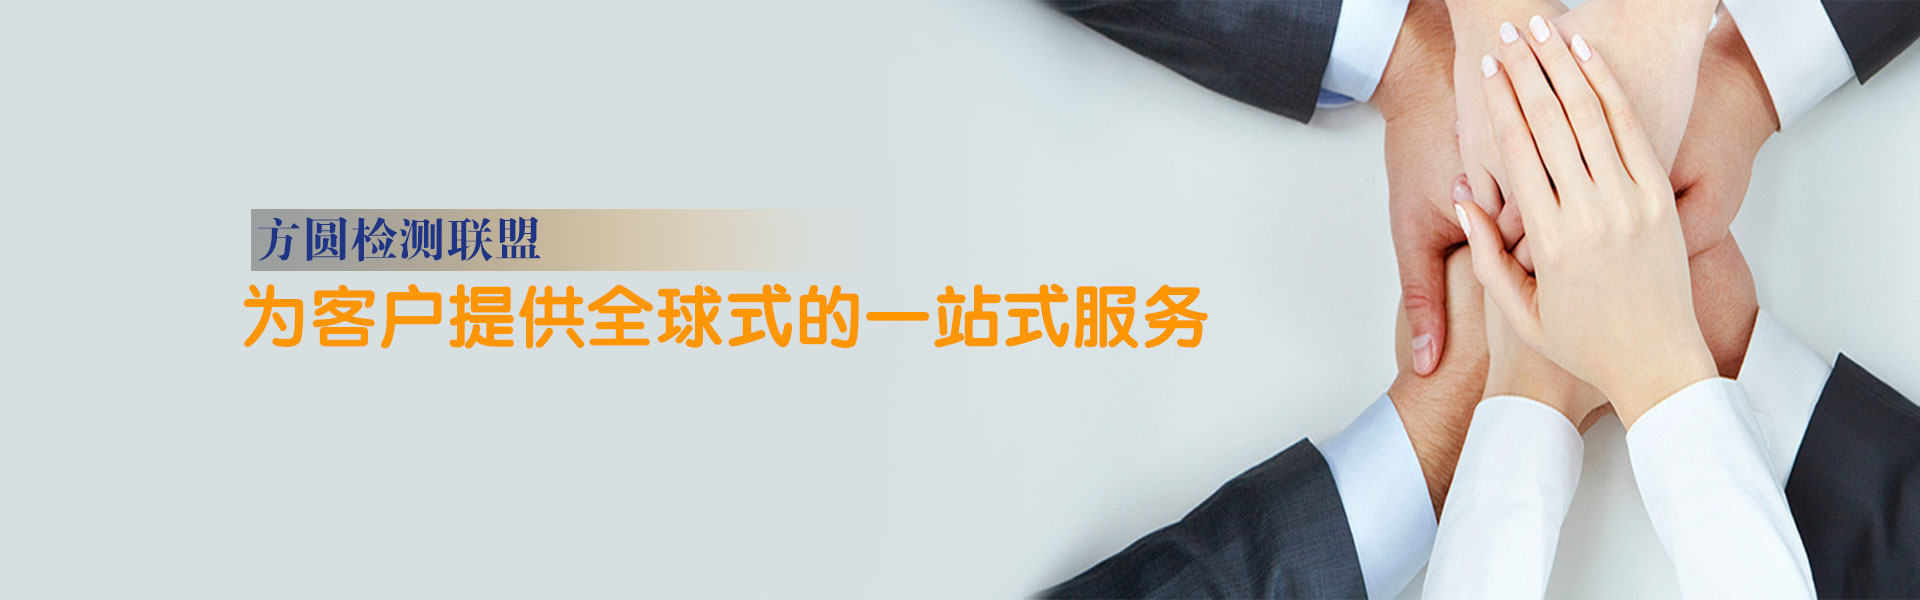 无锡索亚特试验设备有限公司